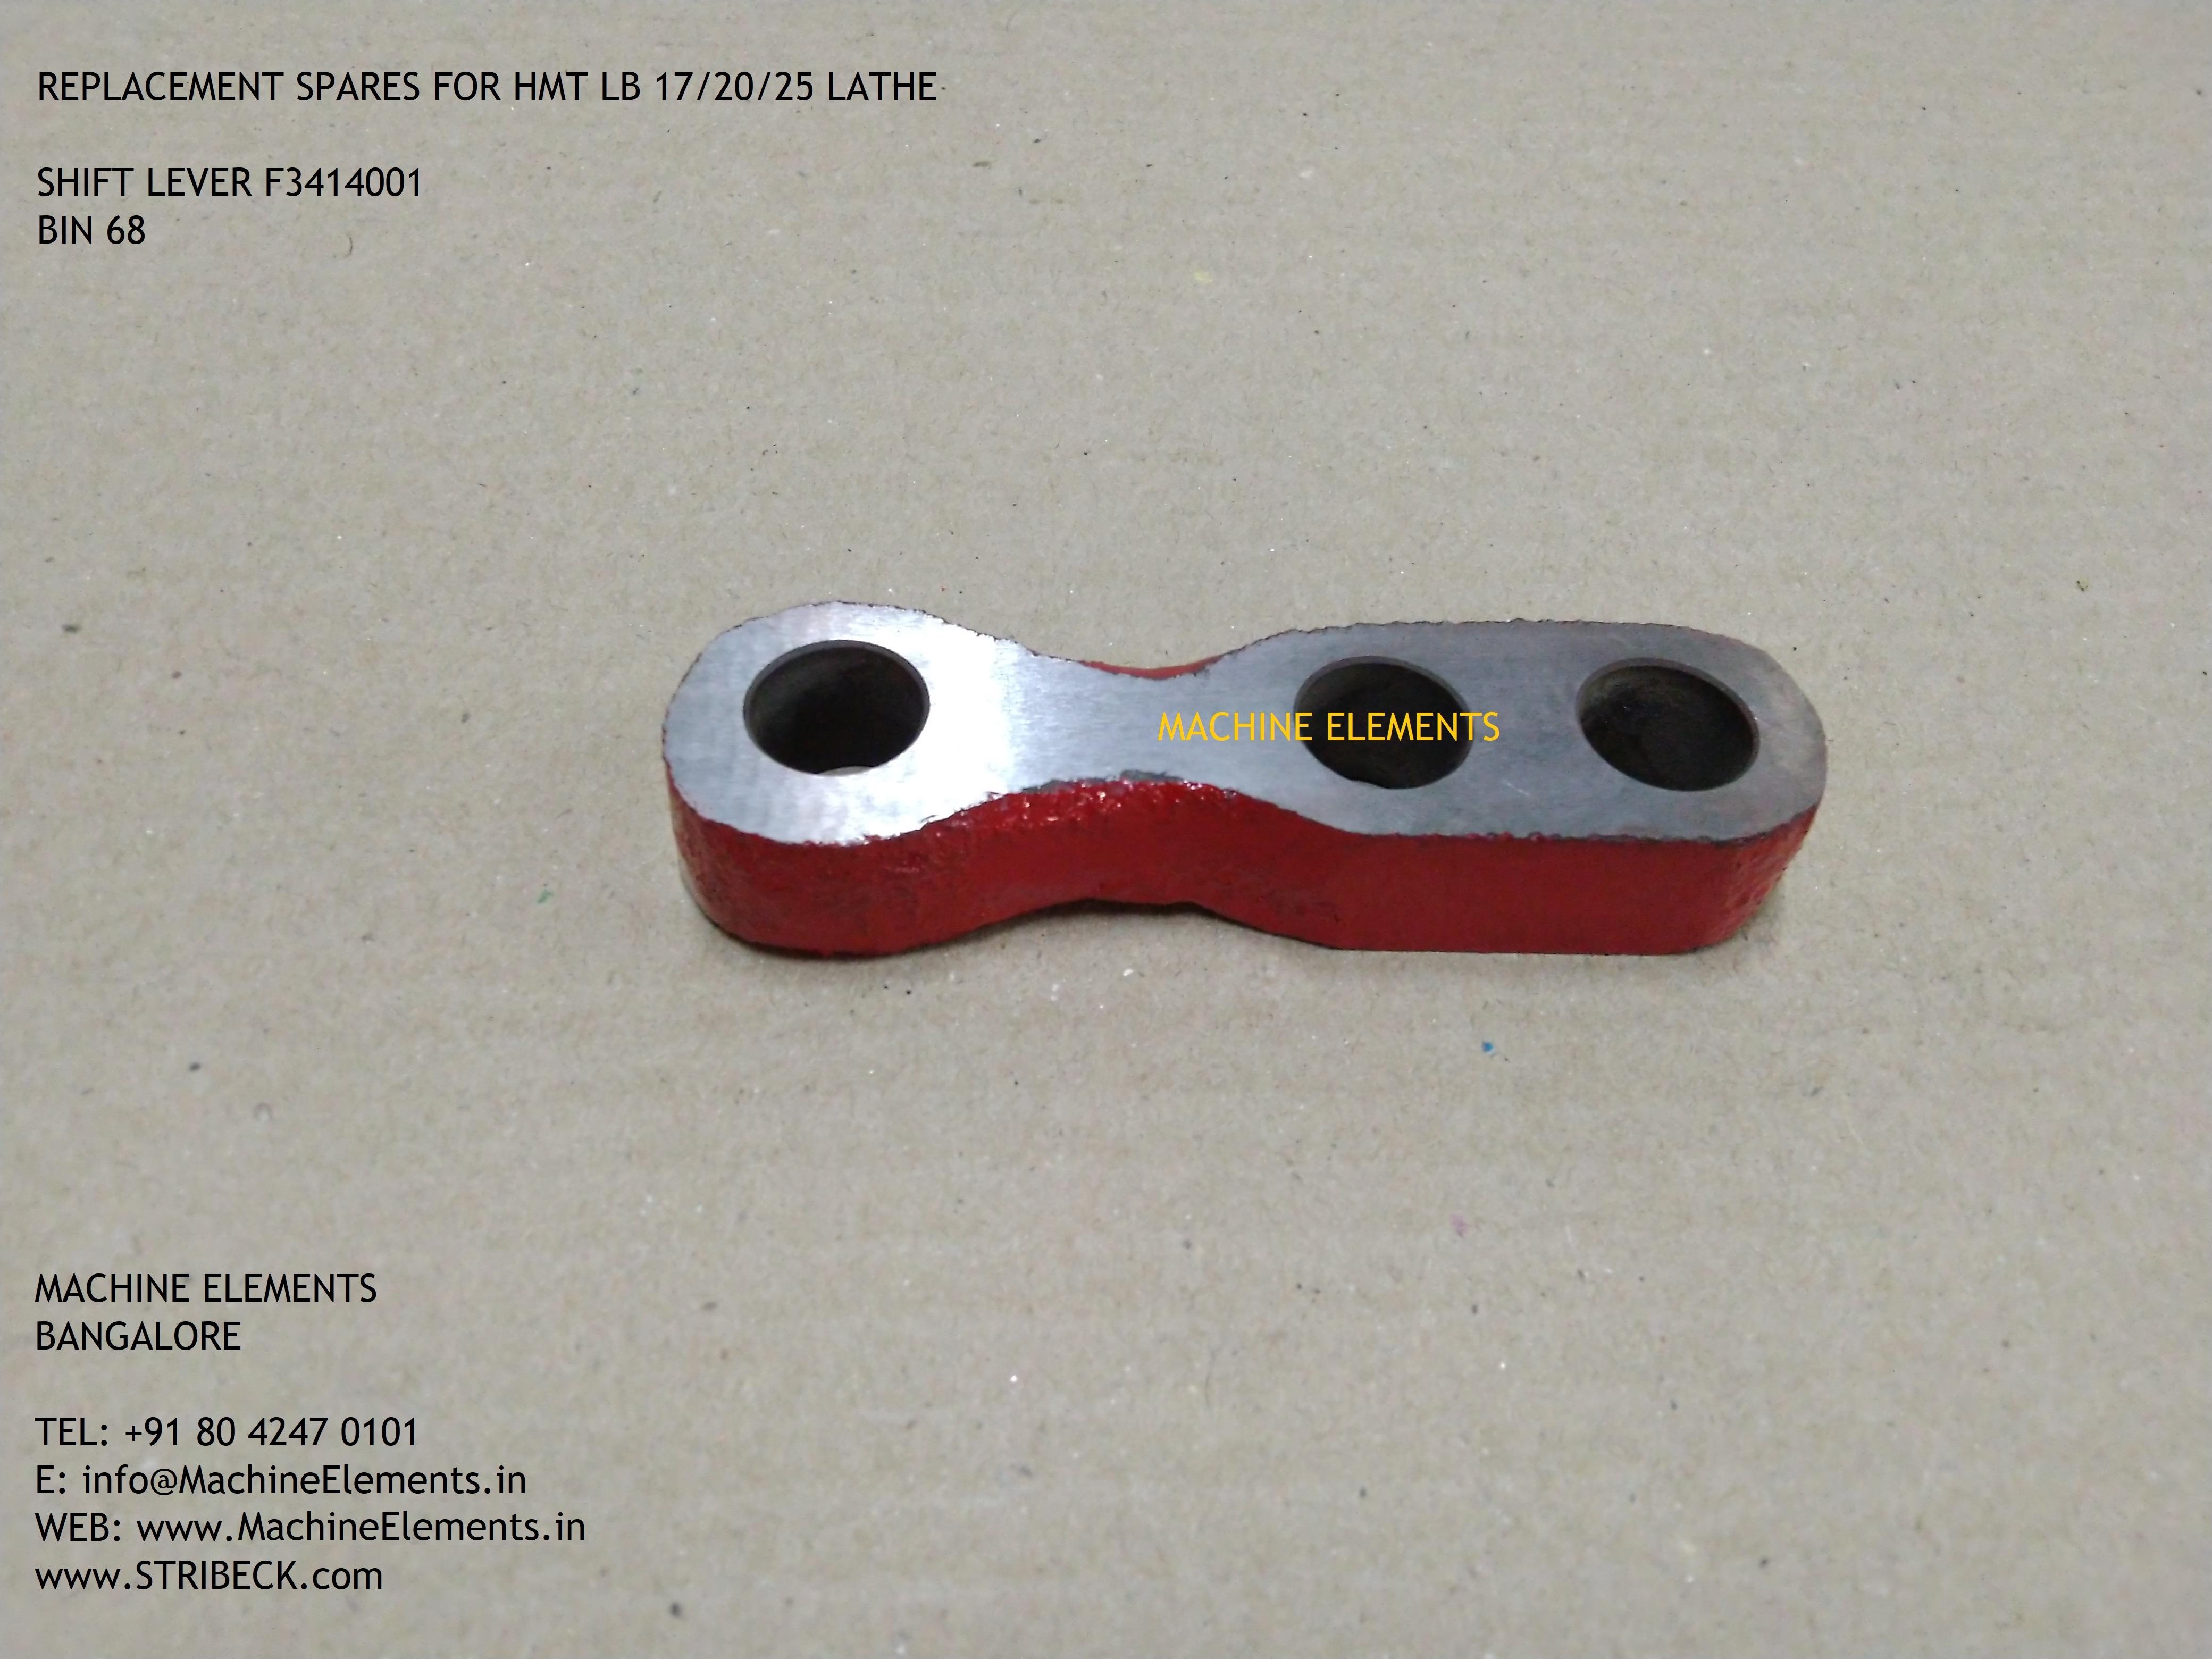 Shift lever F3414001